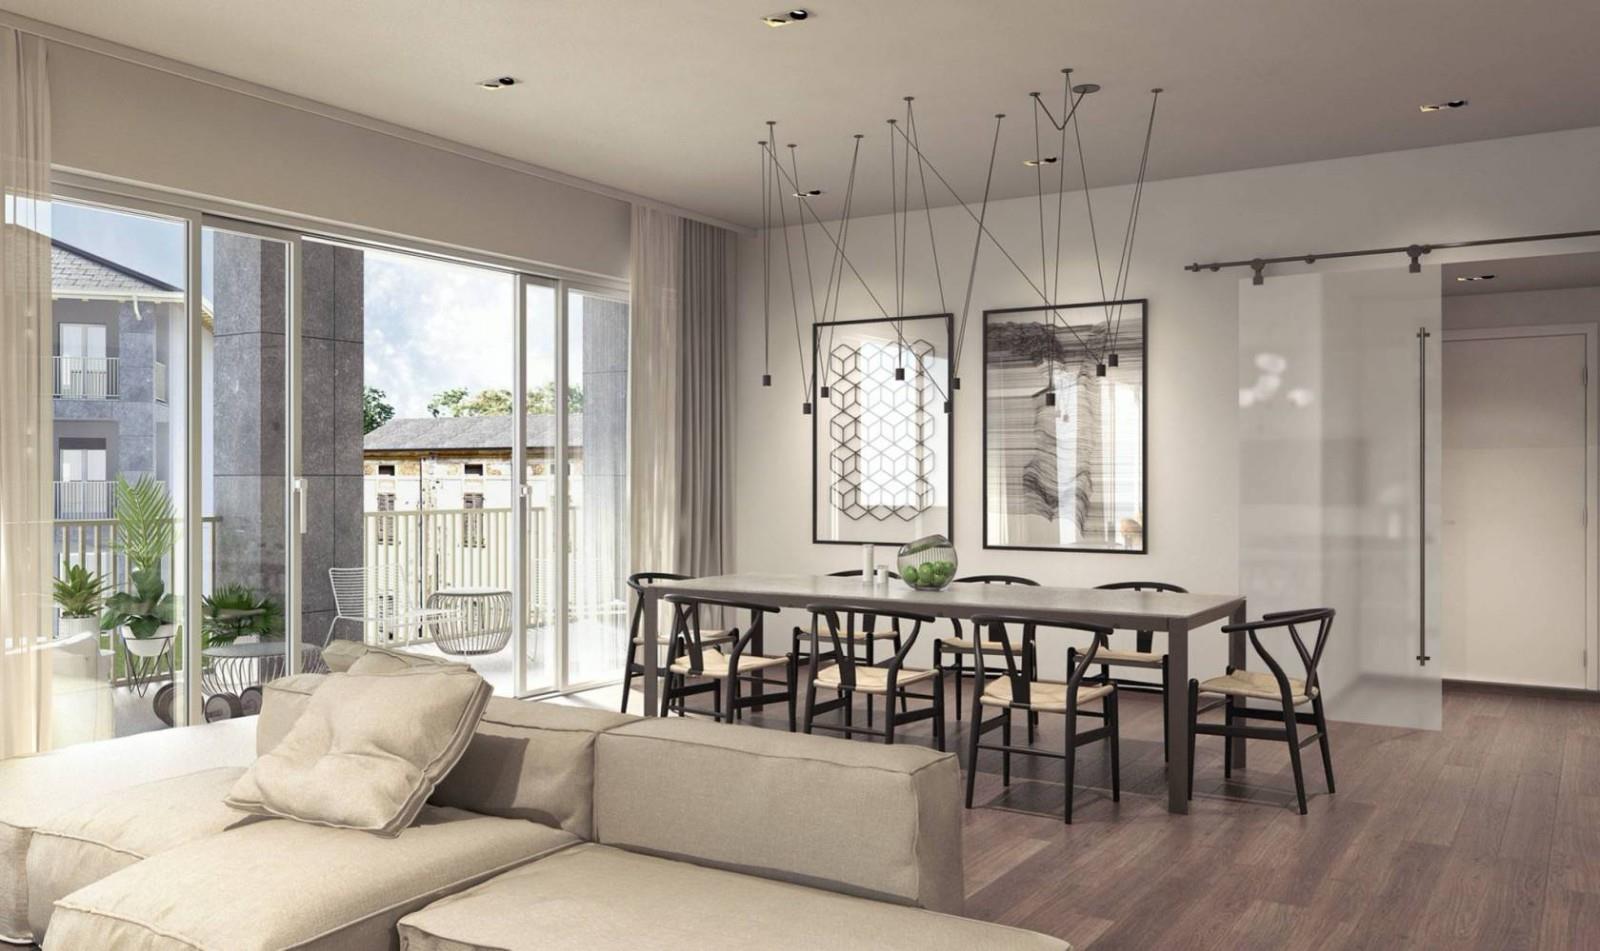 Foto 6 - Appartamento in Vendita - Monza, Zona Regina Pacis